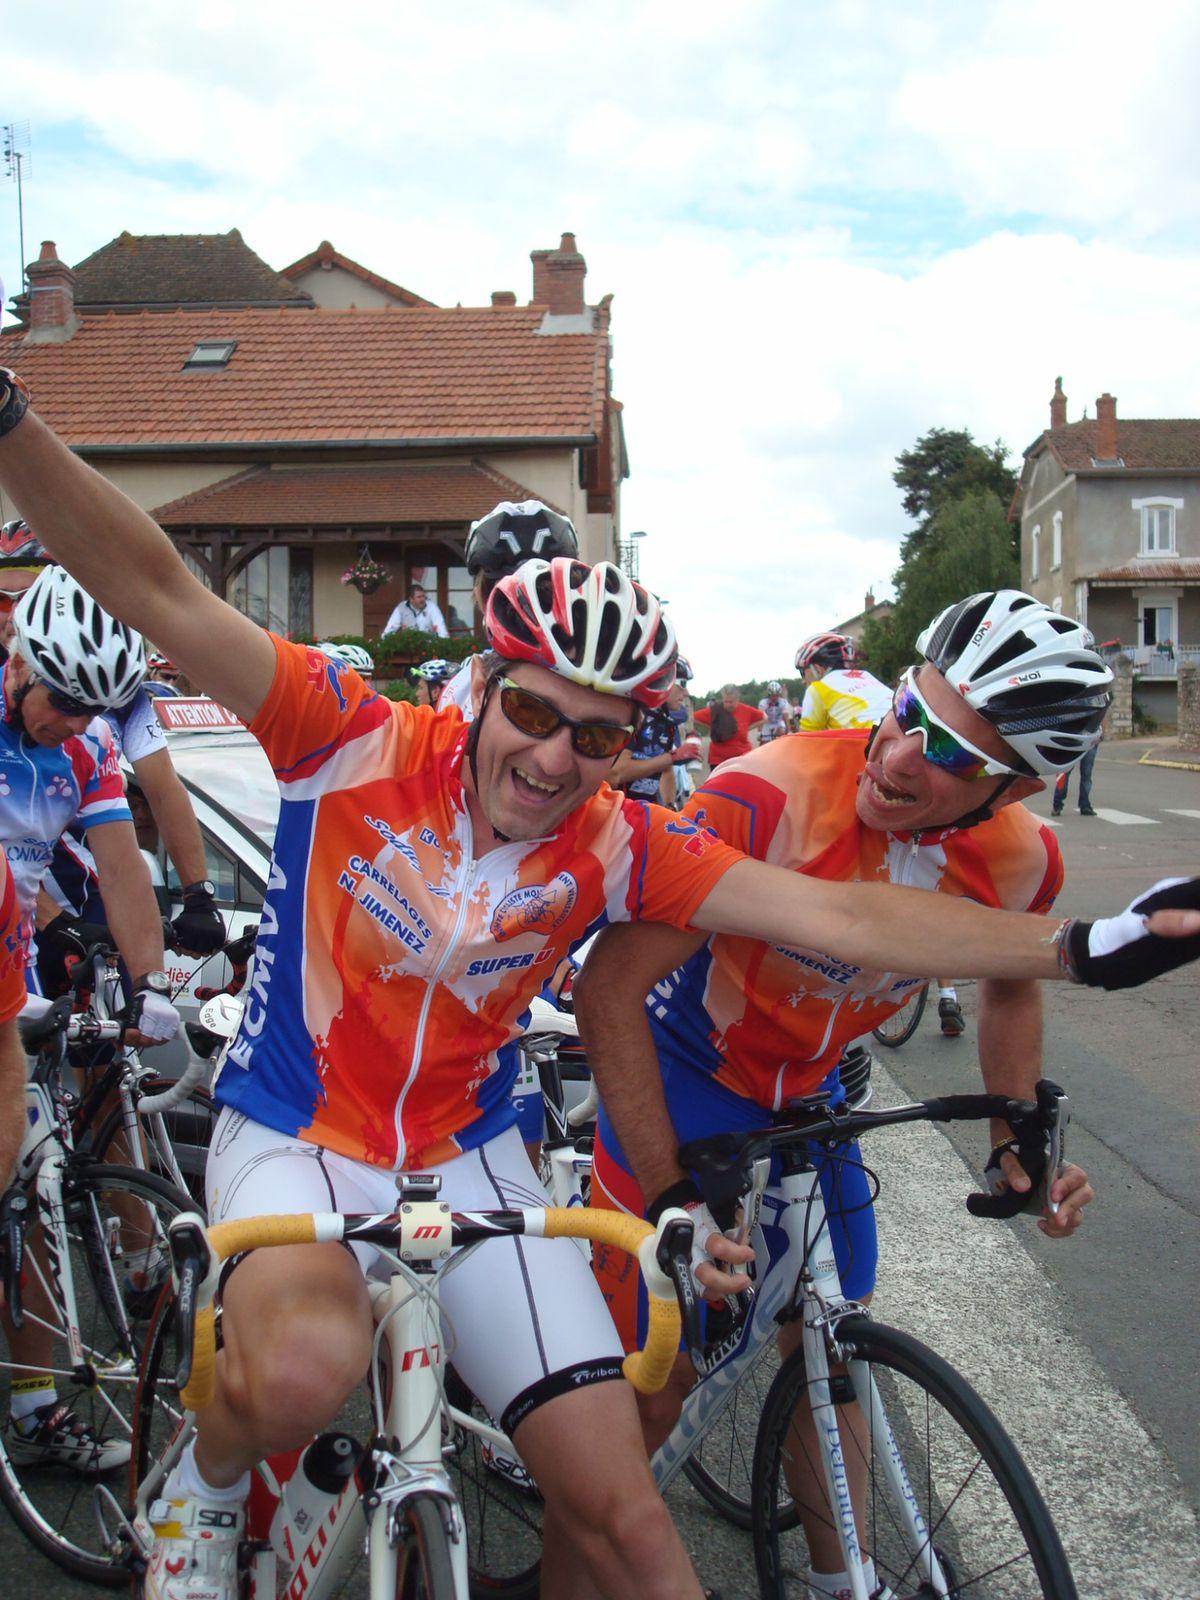 quelques photos de la route de saône et loire 2011 . de bons souvenirs !